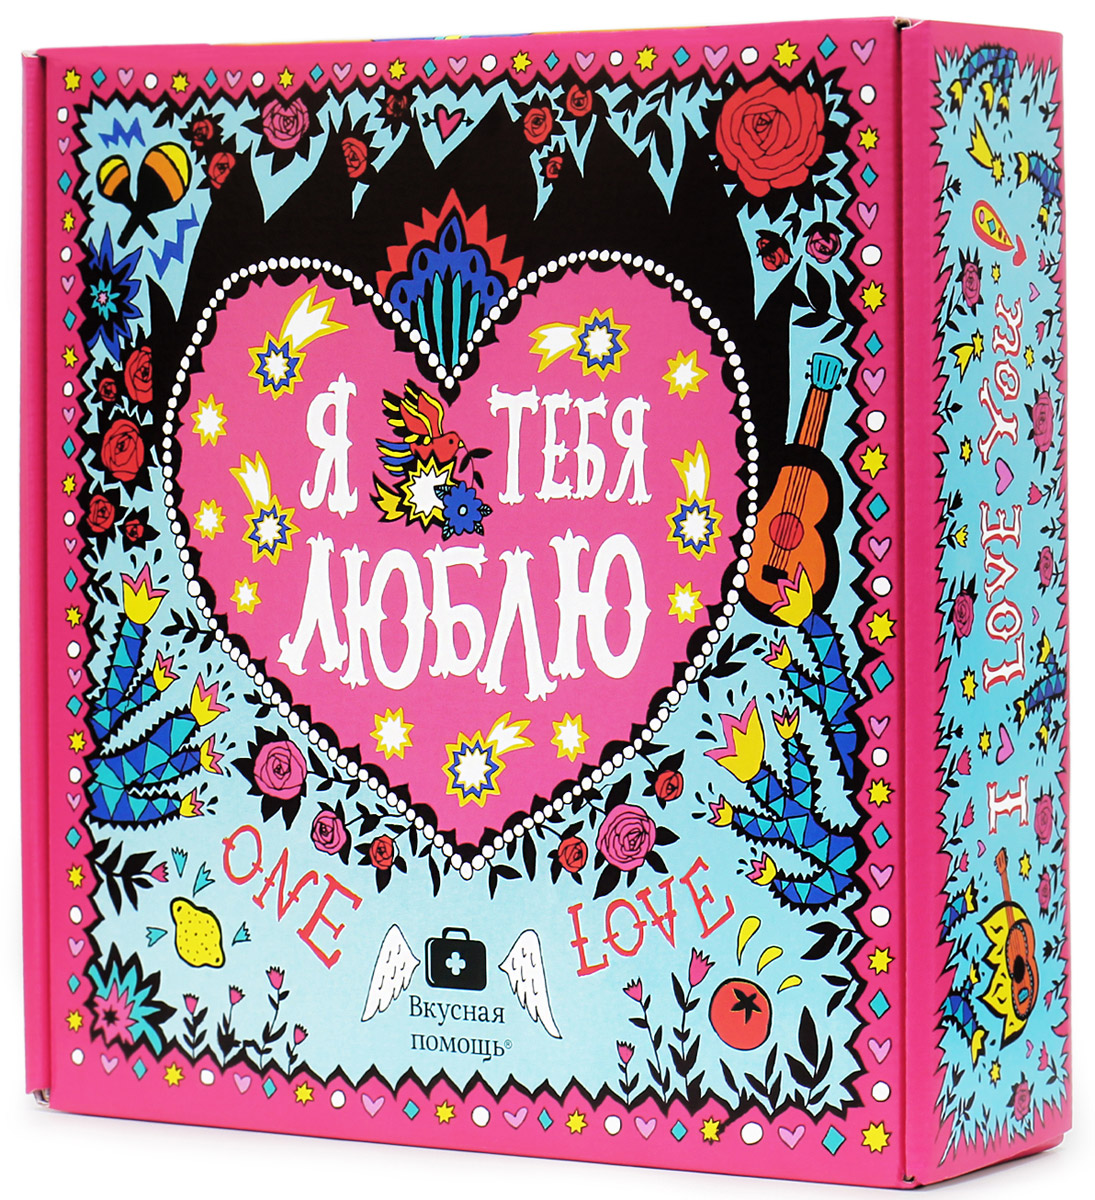 Вкусная помощь Мексиканская любовь набор конфет, 342 г0120710О, эта любовь - чистая, прекрасная и по-мексикански обжигающая! Испытав такую любовь, забываешь обо всем на свете - хоть земной шар надвое расколи, все ни по чем, лишь бы вторая половинка была рядом.Для горячих и страстных мы создали яркий набор - сладкую коробку Мексиканская любовь.Внутри вы найдете:- Воздушный десерт Маршмеллоу (32 г) - для блаженства; - Ванильное печенье с предсказаниями (8 шт, 52 г) - чуть-чуть волшебства; - Черный чай Имбирный (20 г) - немного огня; - Арахис в сахаре с ароматом яблока (85 г) - сладкое удовольствие; - Мармелад жевательный Земляничка (55 г) - любовные конфеты в банке; - Фигурный сахар Я люблю тебя (98 г) - сделает сладким что угодно.